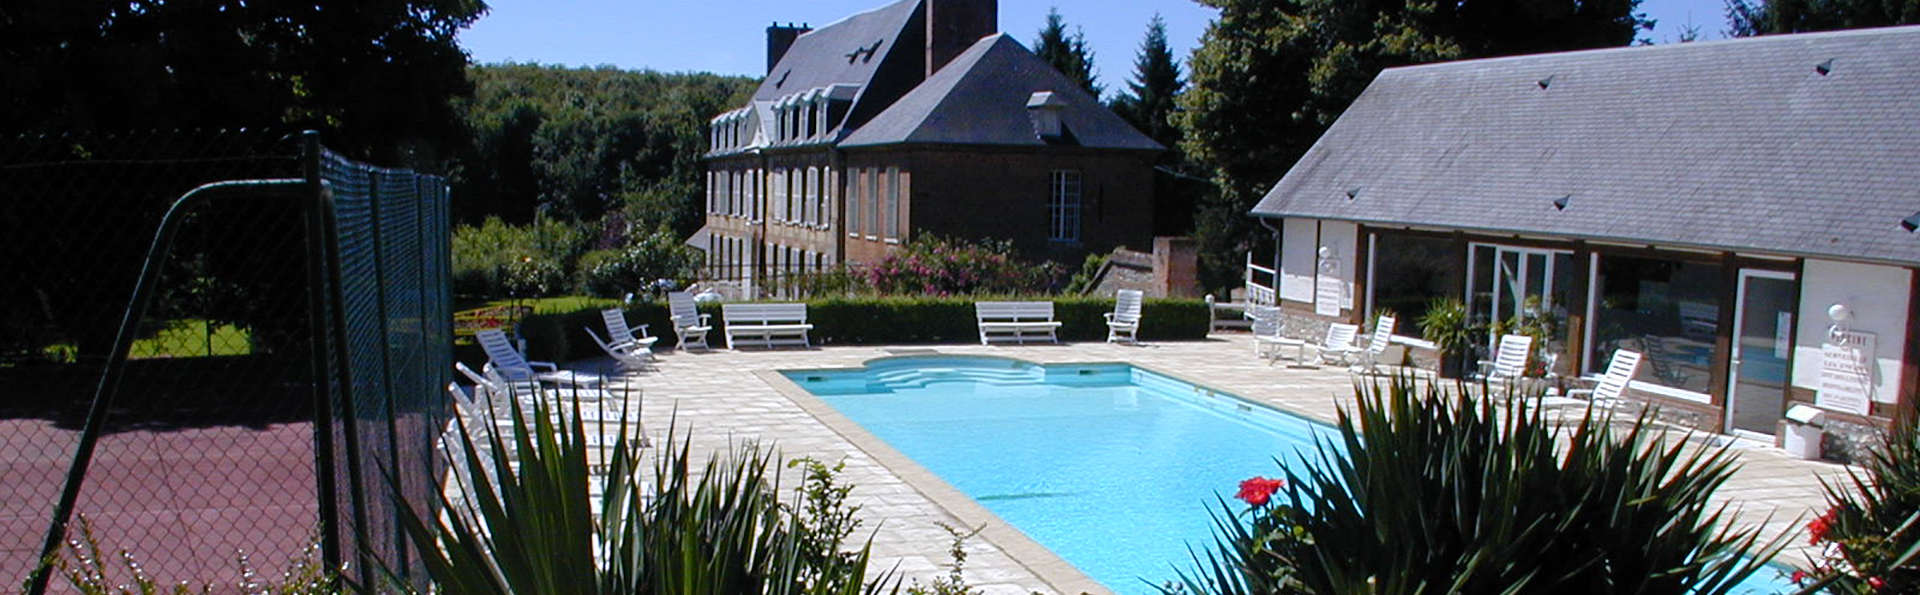 Château du Landel, The Originals Relais (Relais du Silence) - edit_pool_tennis.jpg